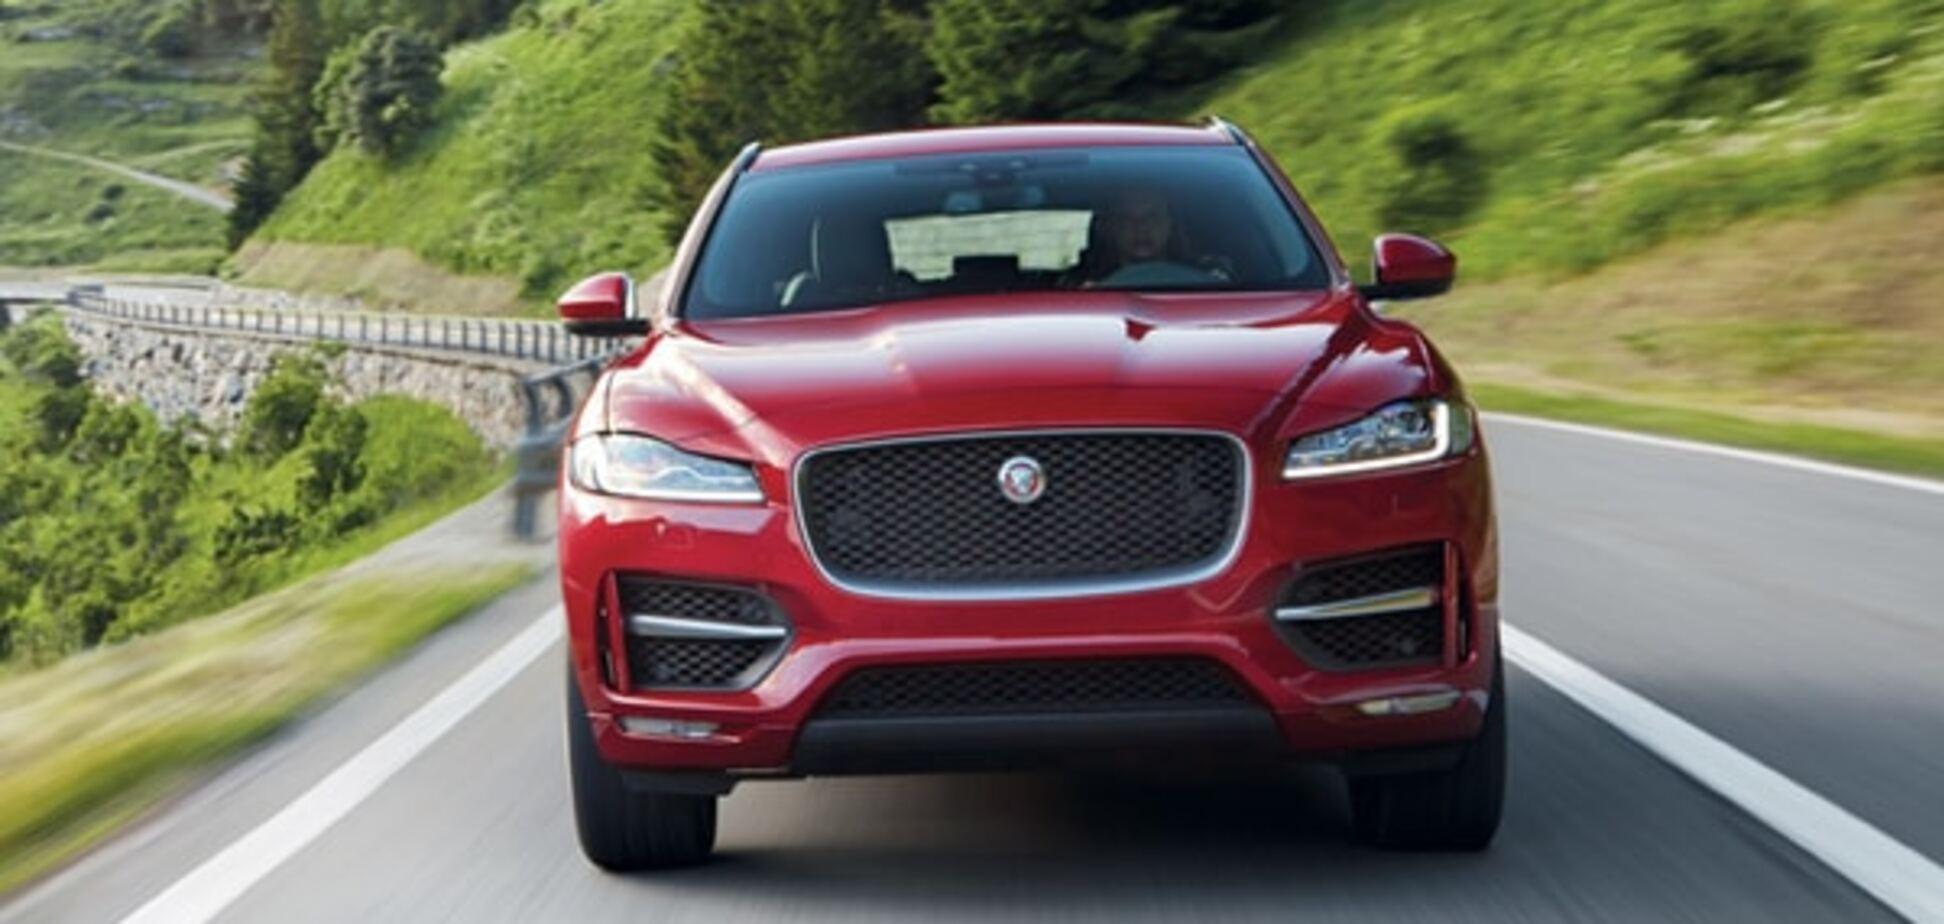 Франкфуртский автосалон: Jaguar презентовал 'развлекательный' внедорожник